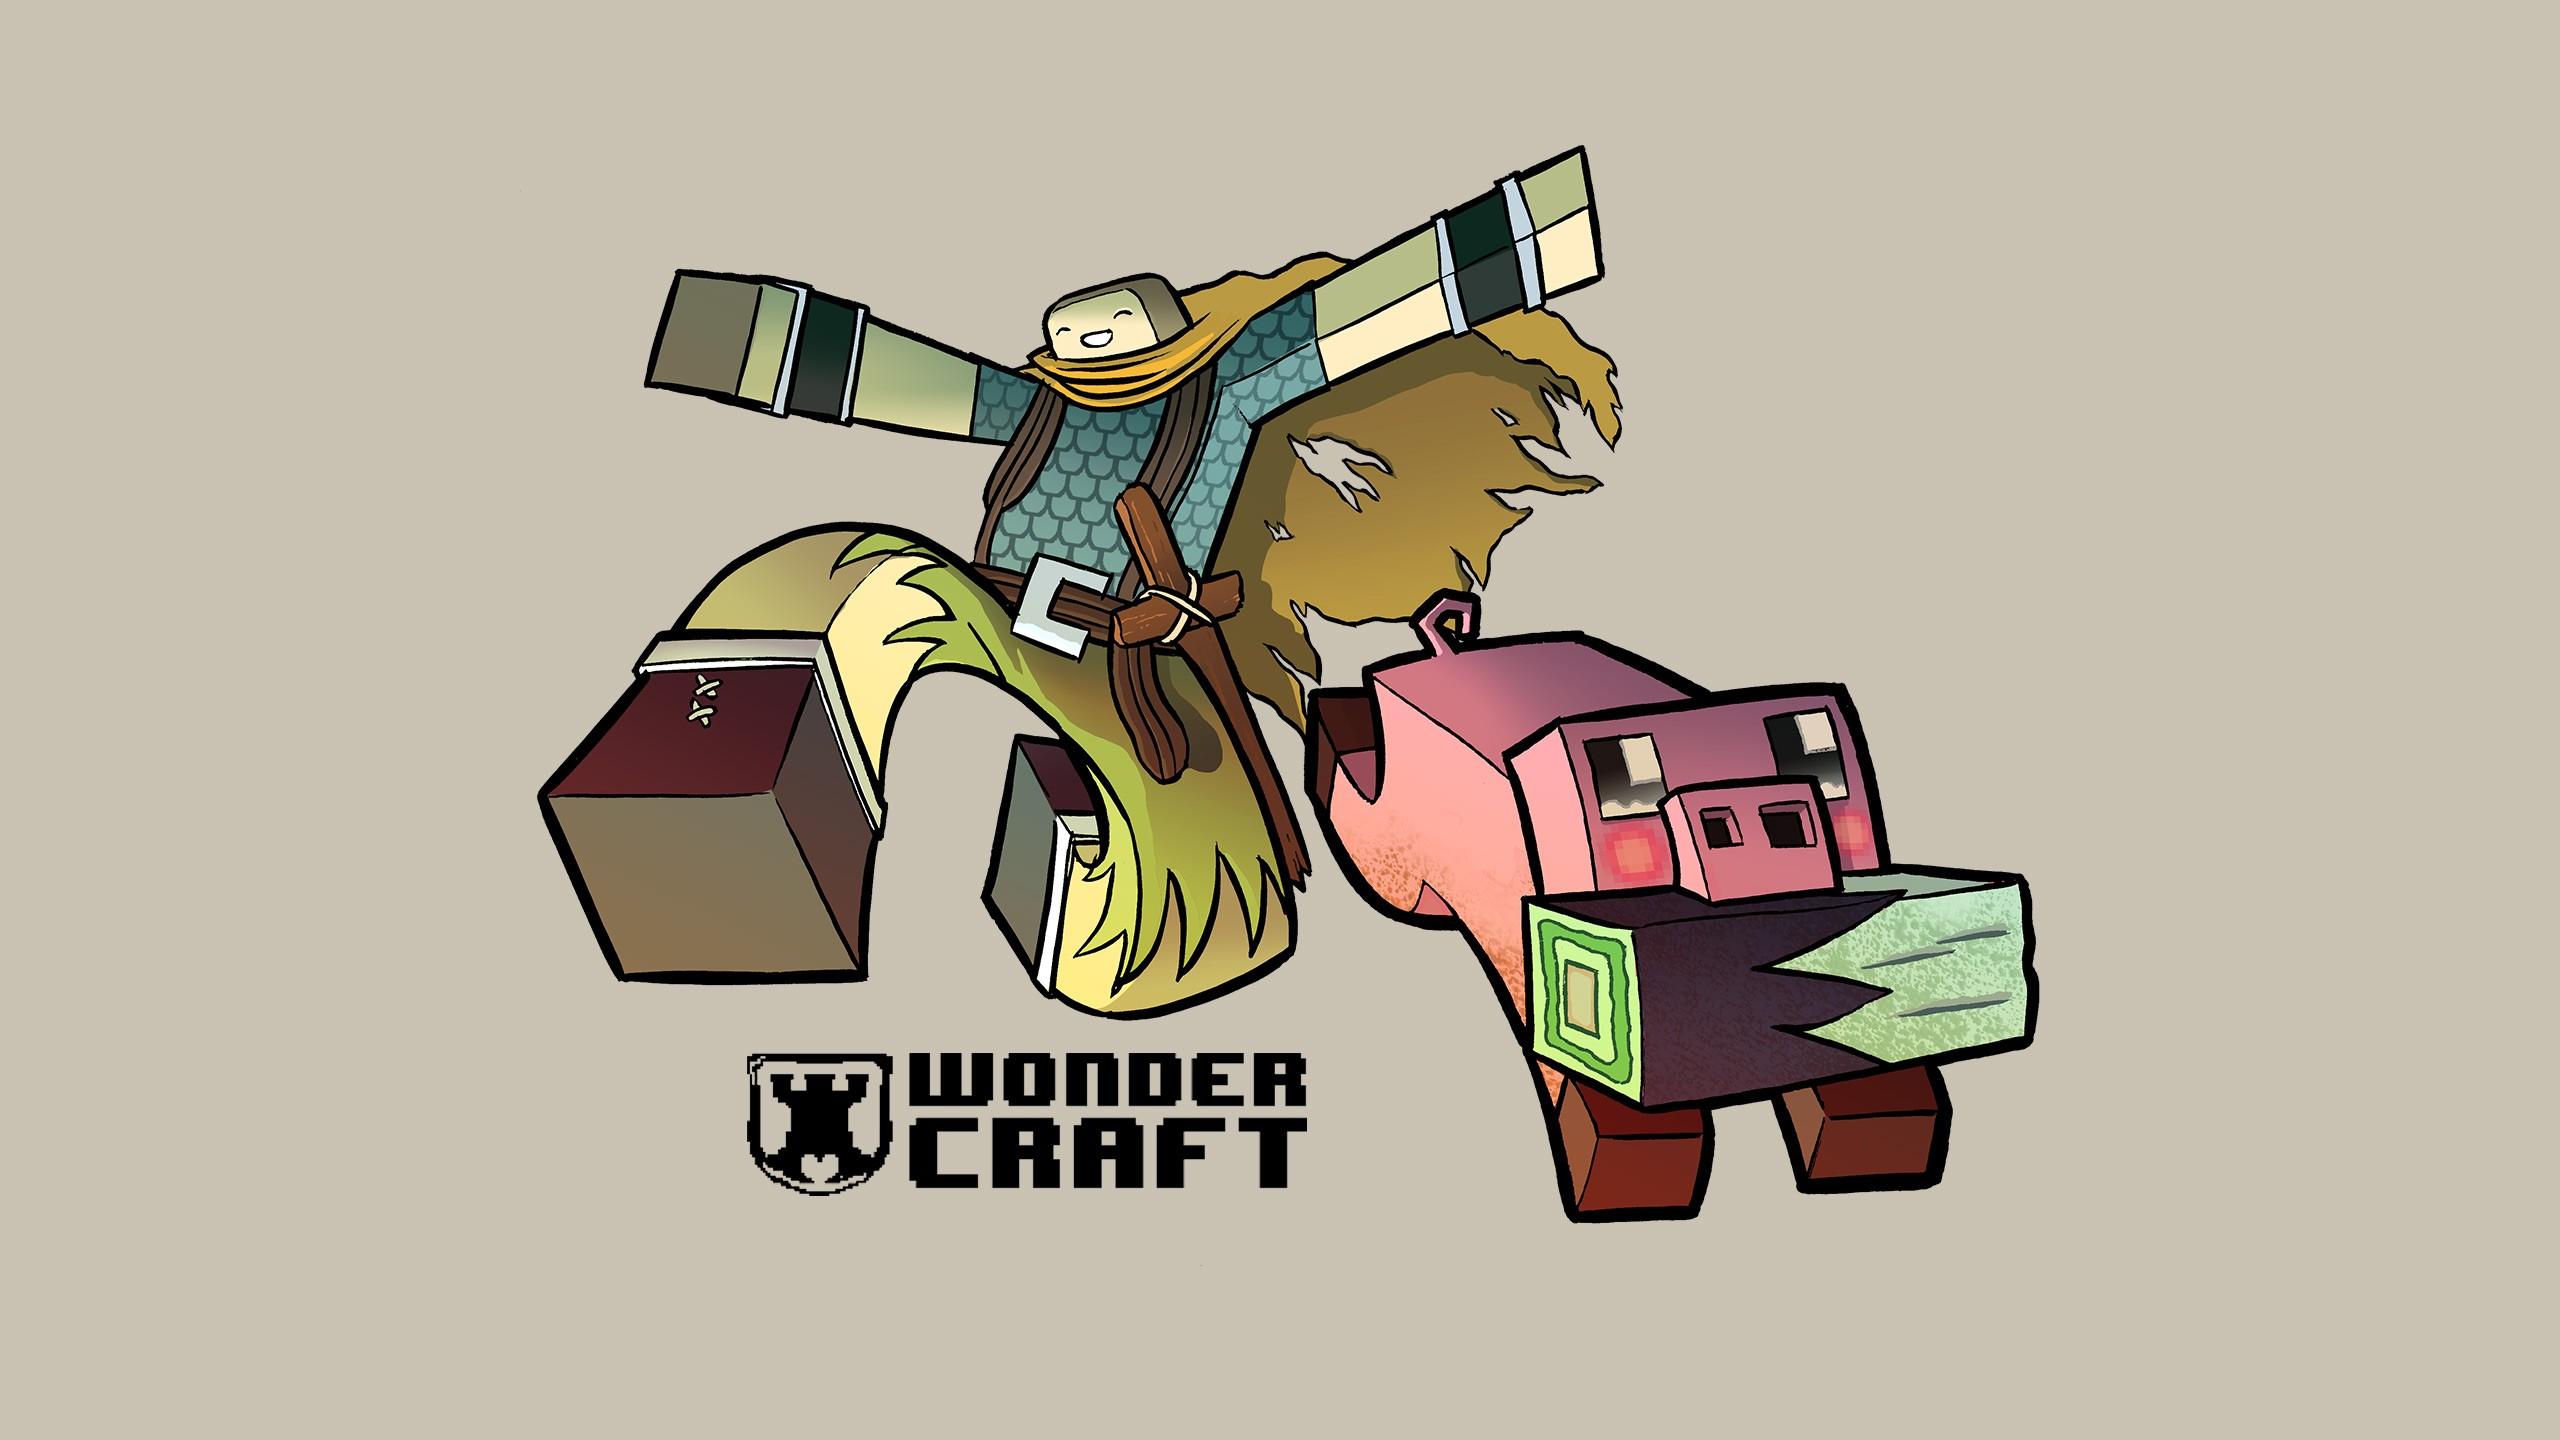 Beautiful Wallpaper Minecraft Cute - 24a58f3a010161a2b74672240567698b  Image_467382.jpg